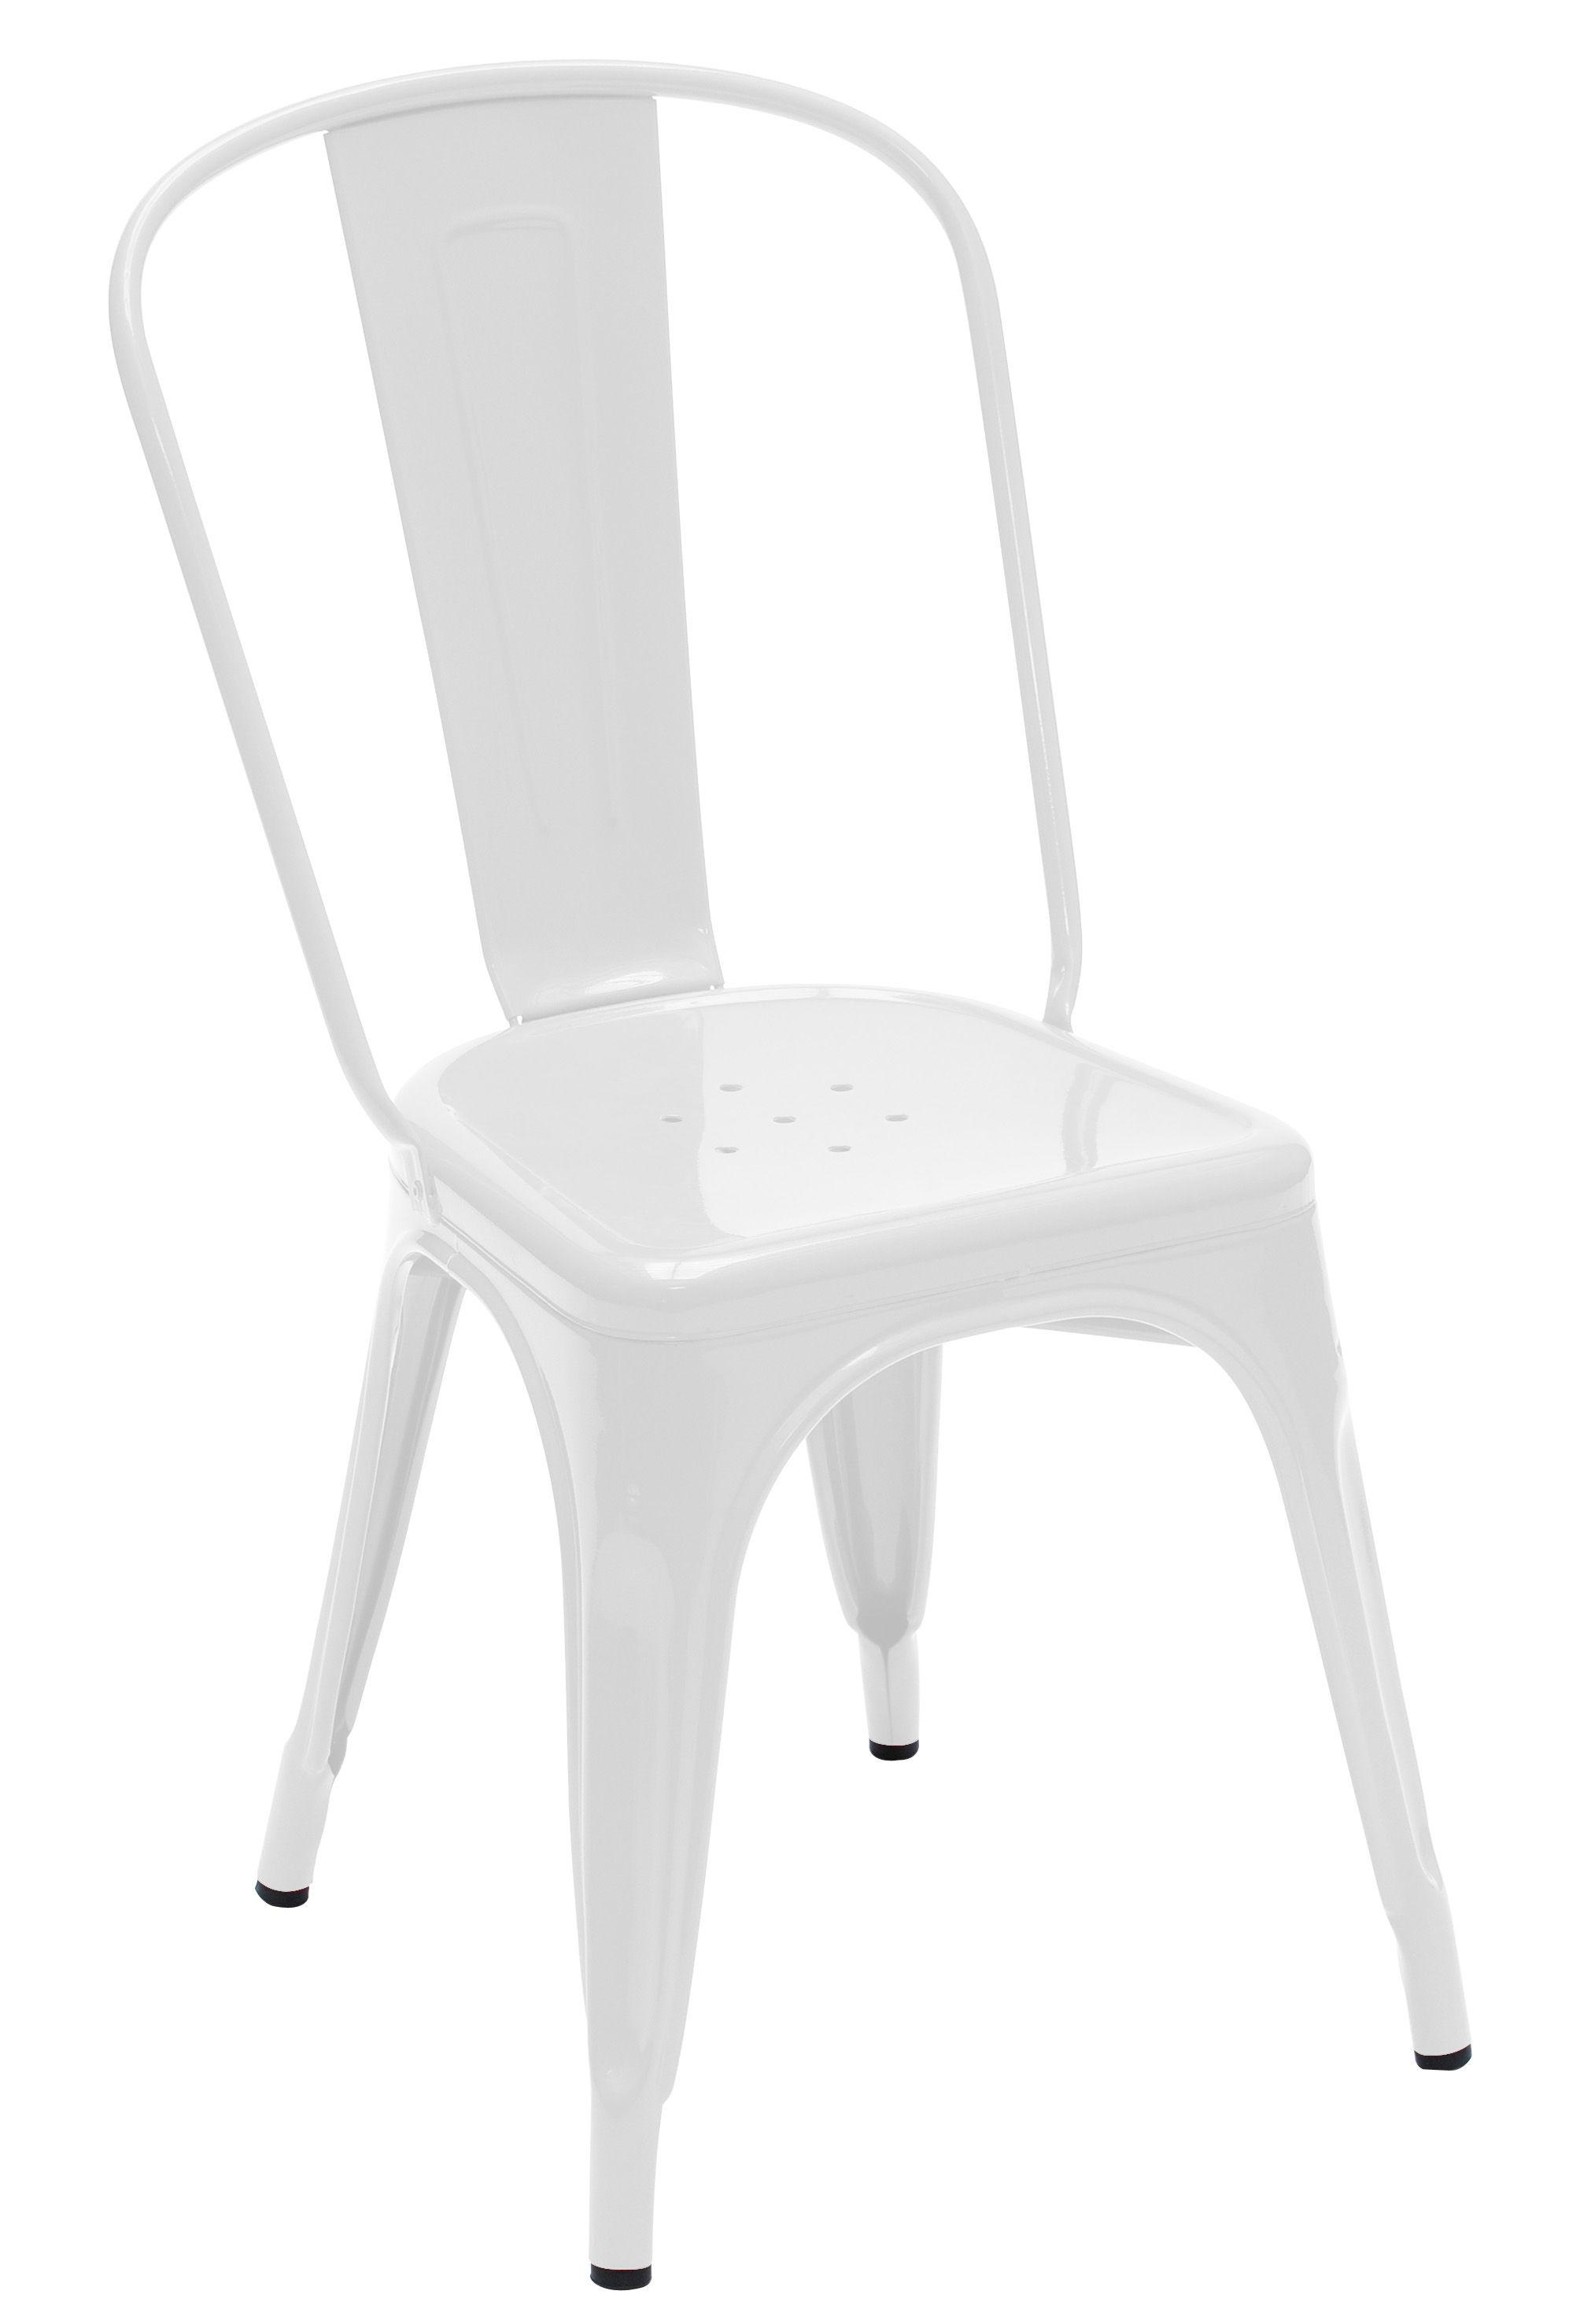 Mobilier - Chaises, fauteuils de salle à manger - Chaise empilable A / Acier - Couleur brillante - Tolix - Blanc (brillant) - Acier laqué